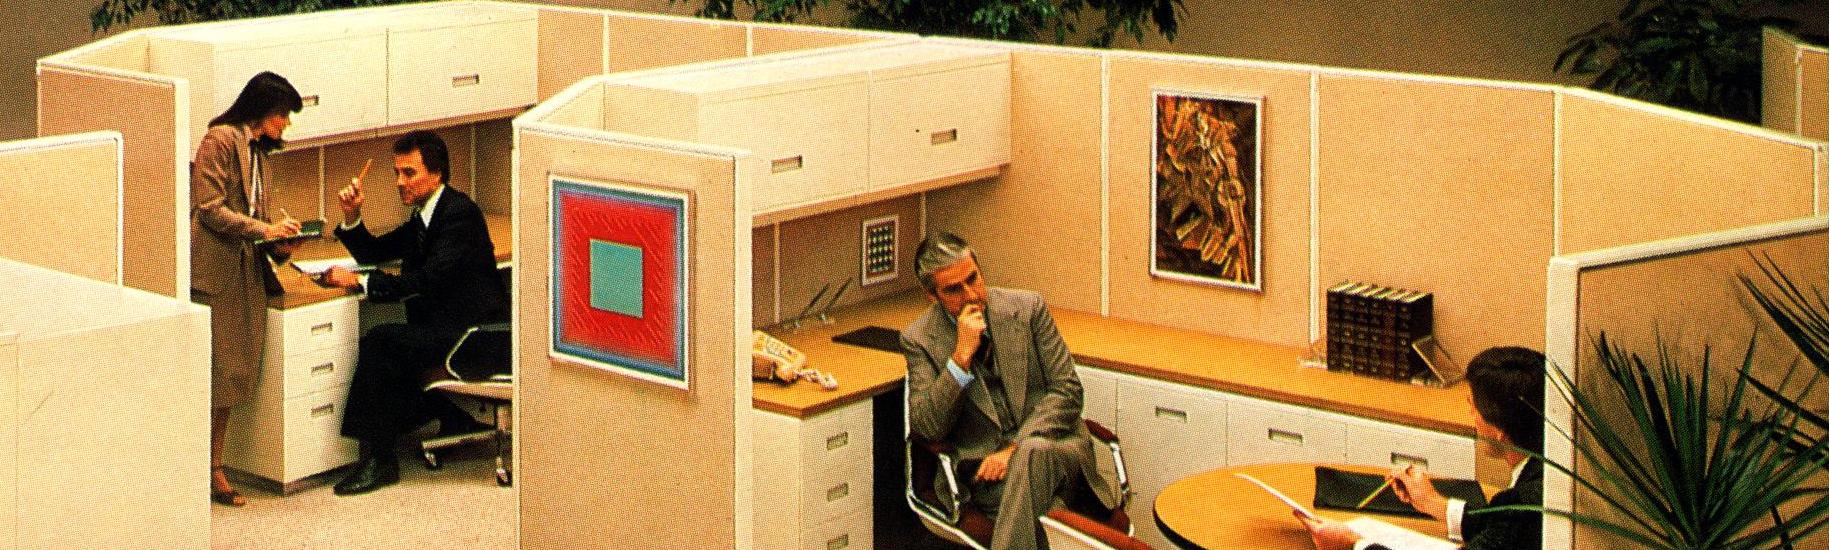 1980s open office plan